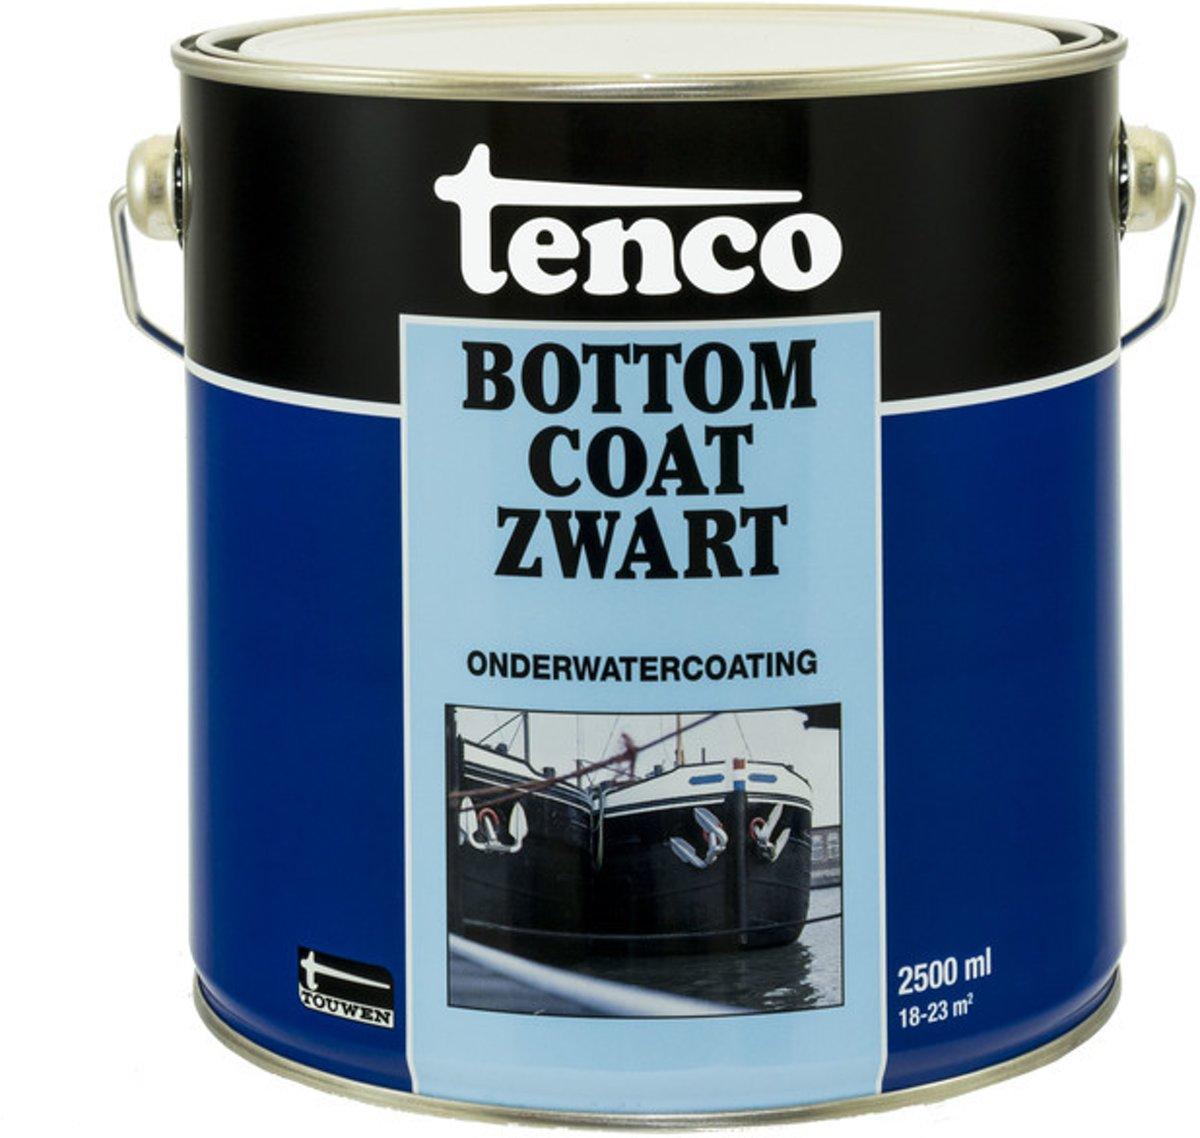 Touwen en Co Bottomcoat kopen